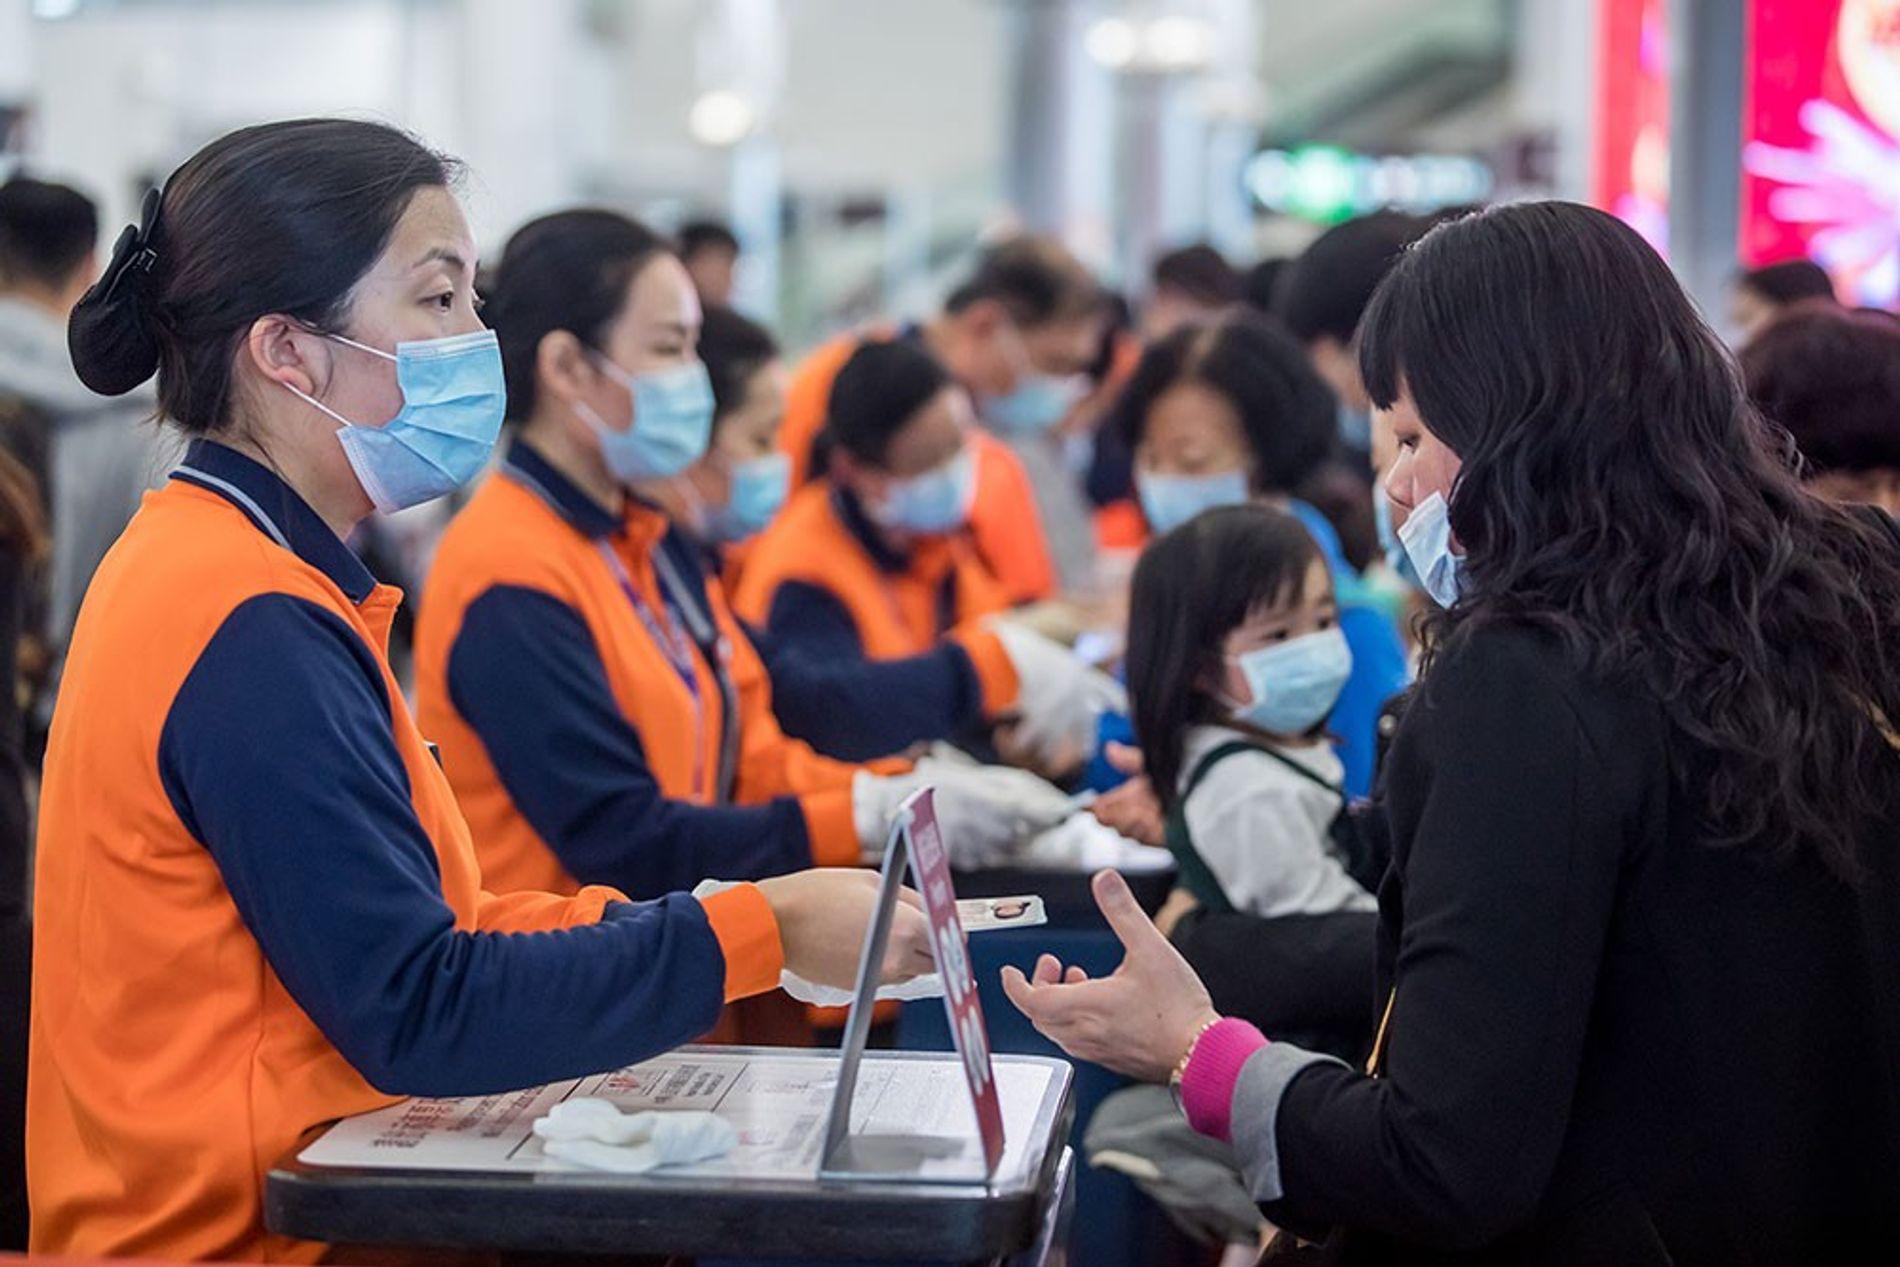 Los trabajadores ferroviarios de Hong Kong, con chalecos naranjas y máscaras faciales, verifican las identificaciones de ...